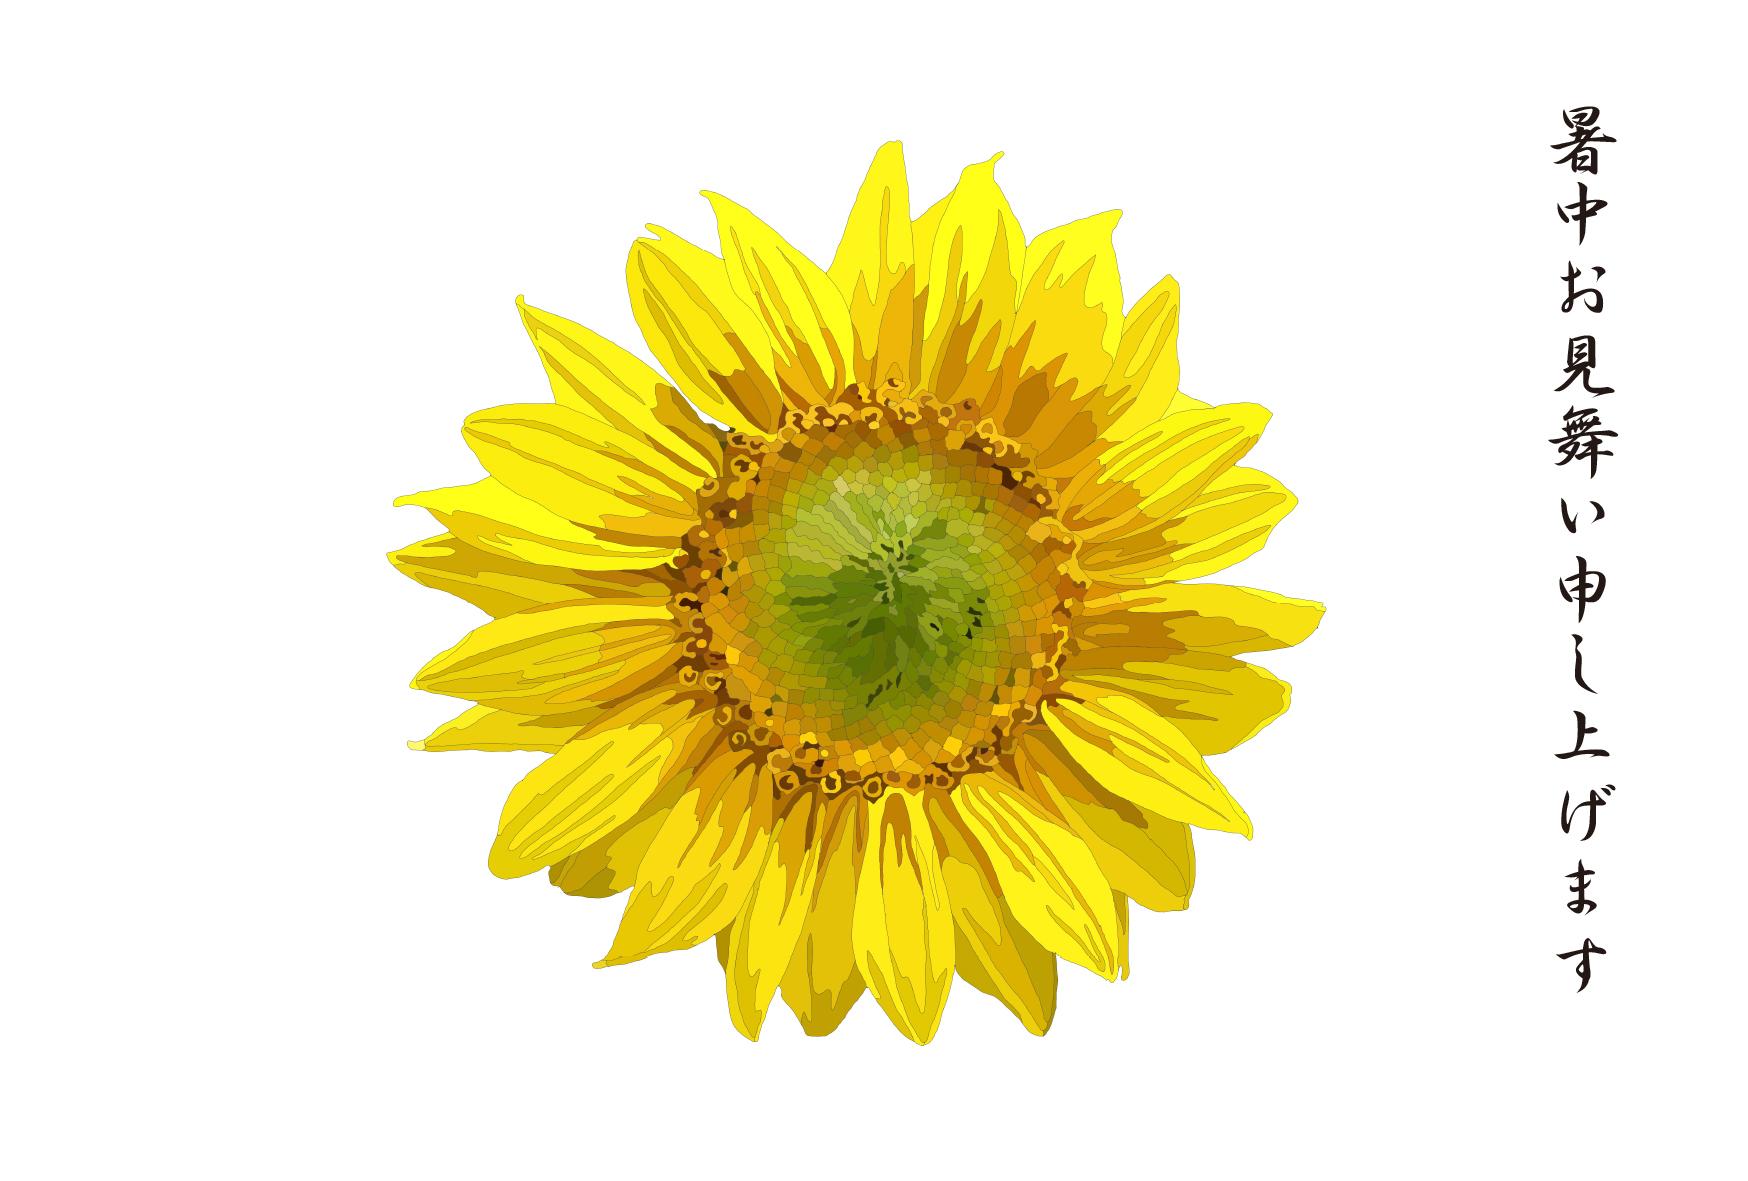 ひまわりのシンプルな暑中見舞いイラスト画像 向日葵 ヒマワリ 暑中お見舞い申し上げます